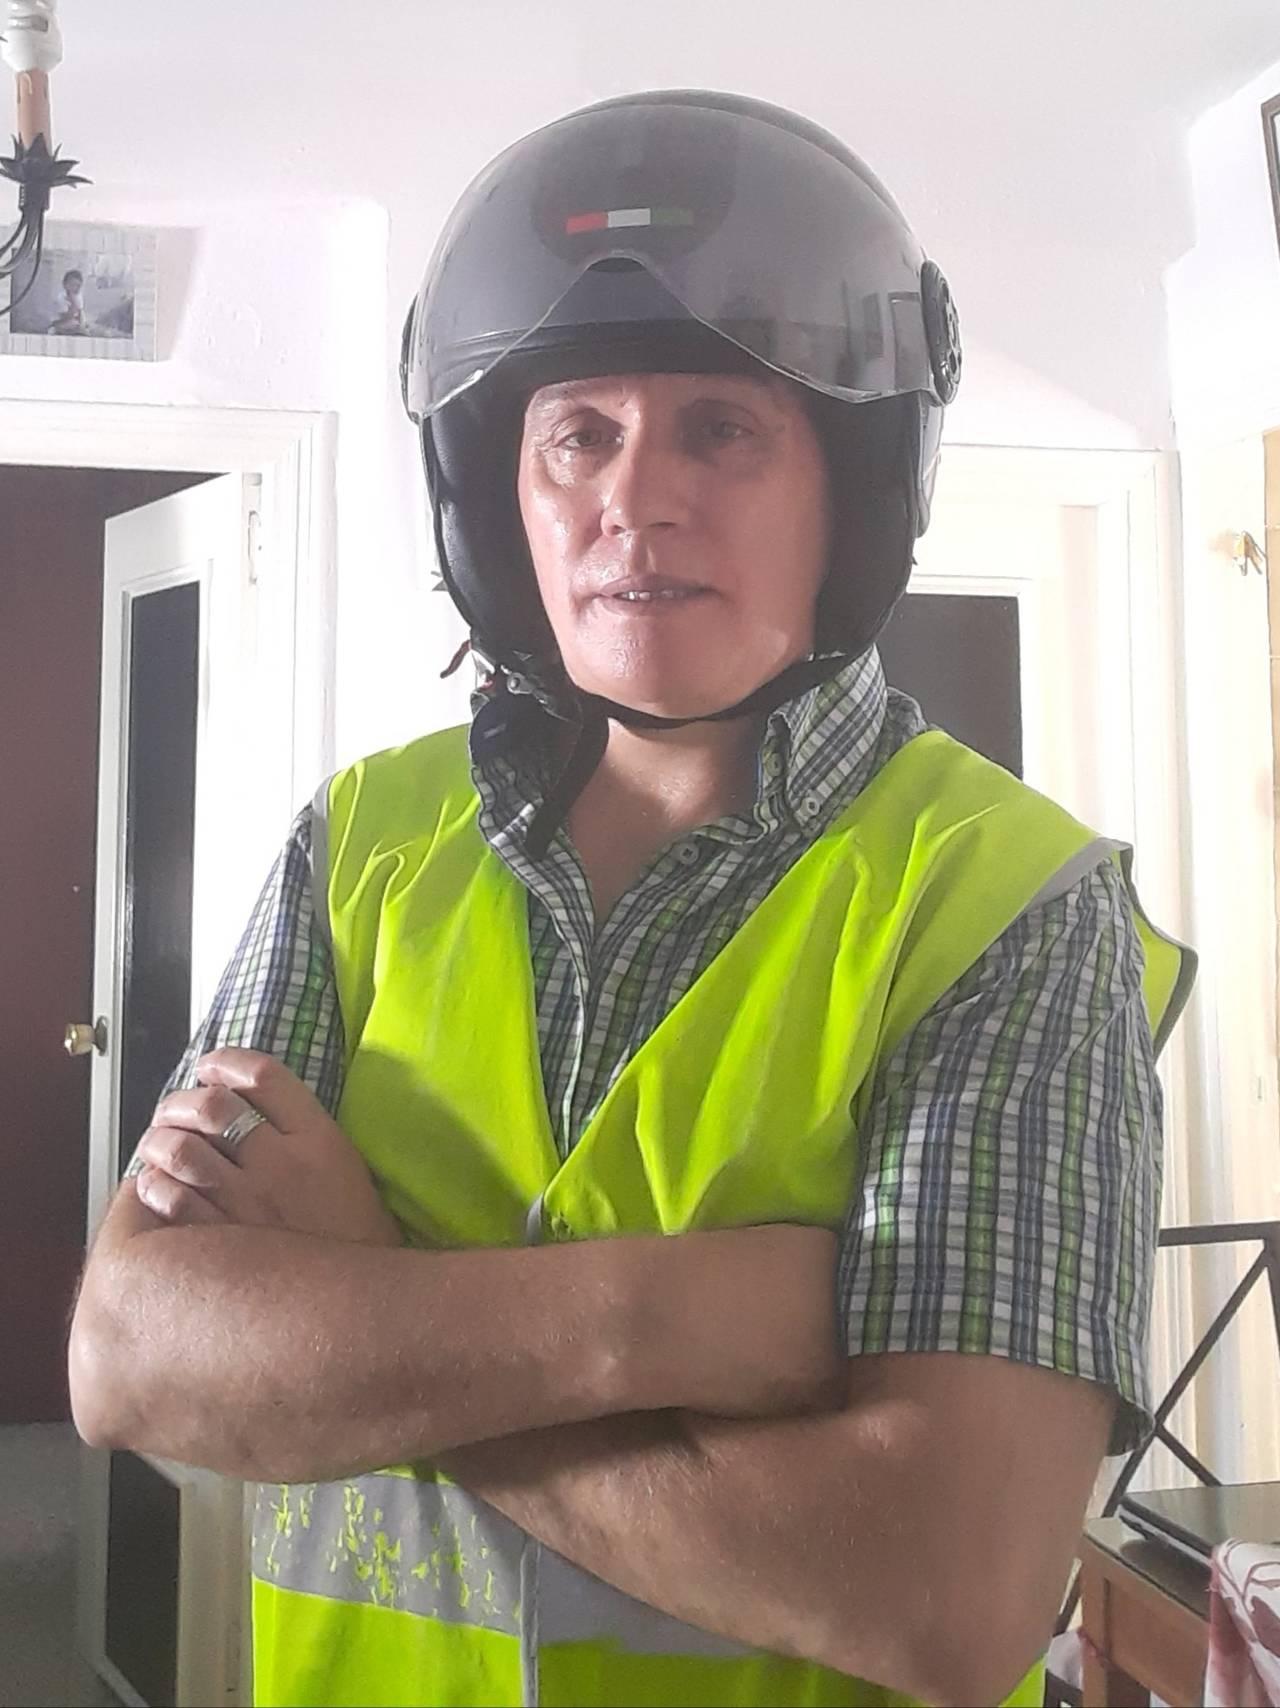 Servicio de repartos en moto, económico y rápido, llámame ya  - Foto 9